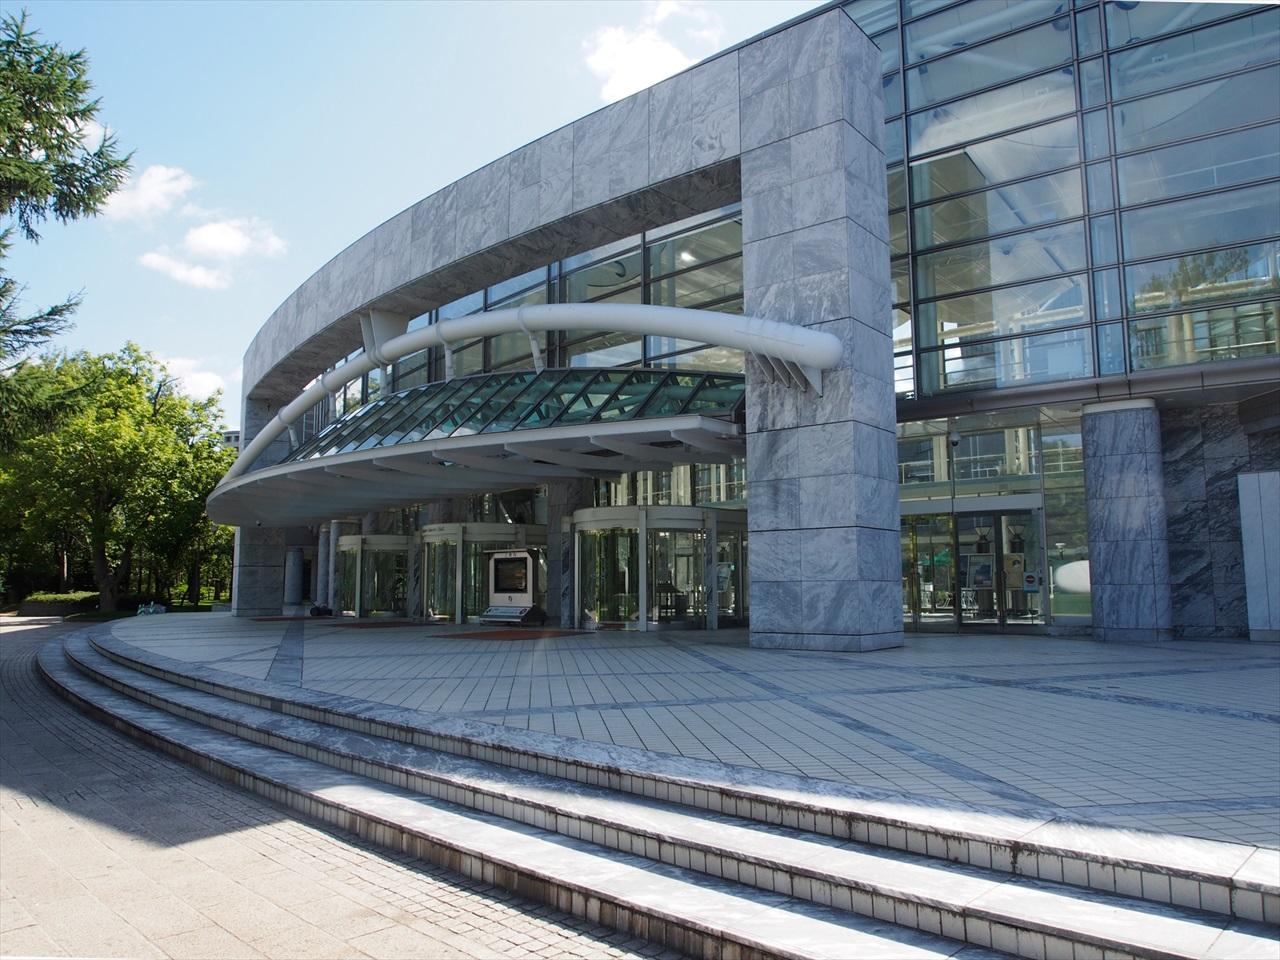 札幌コンサートホール Kitara の外観